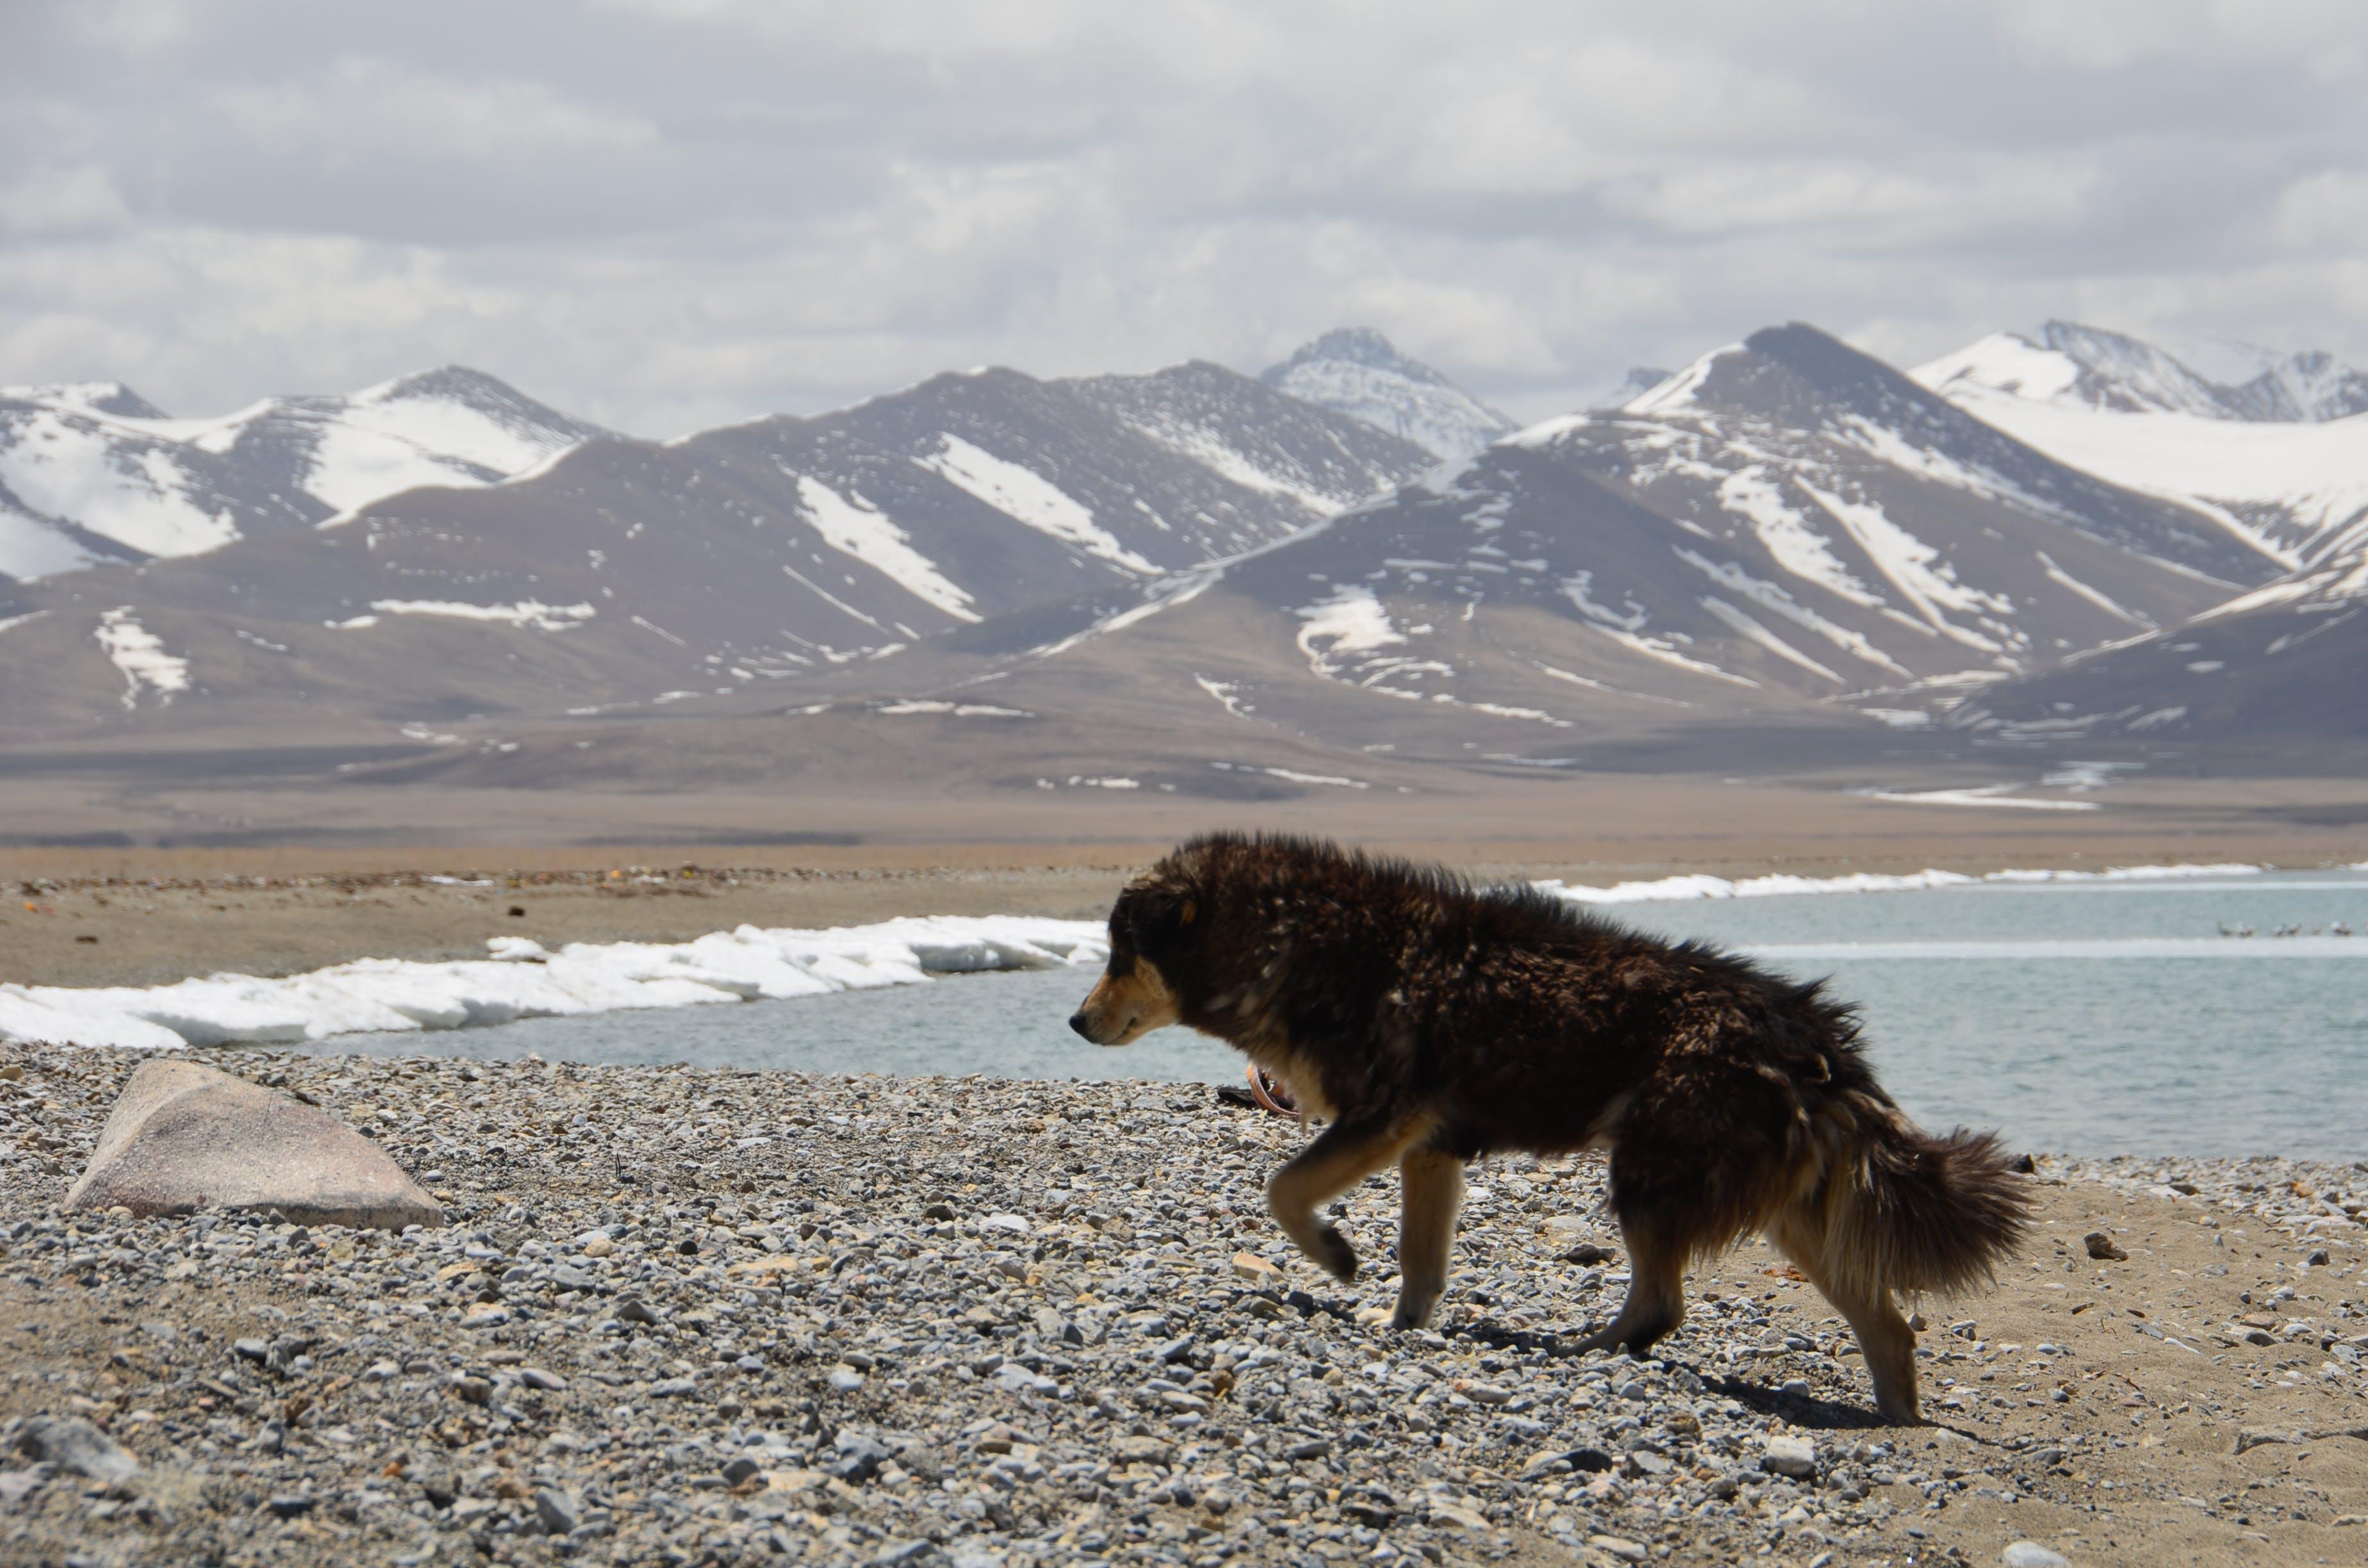 ペット, 冬, 動物, 夏の無料の写真素材